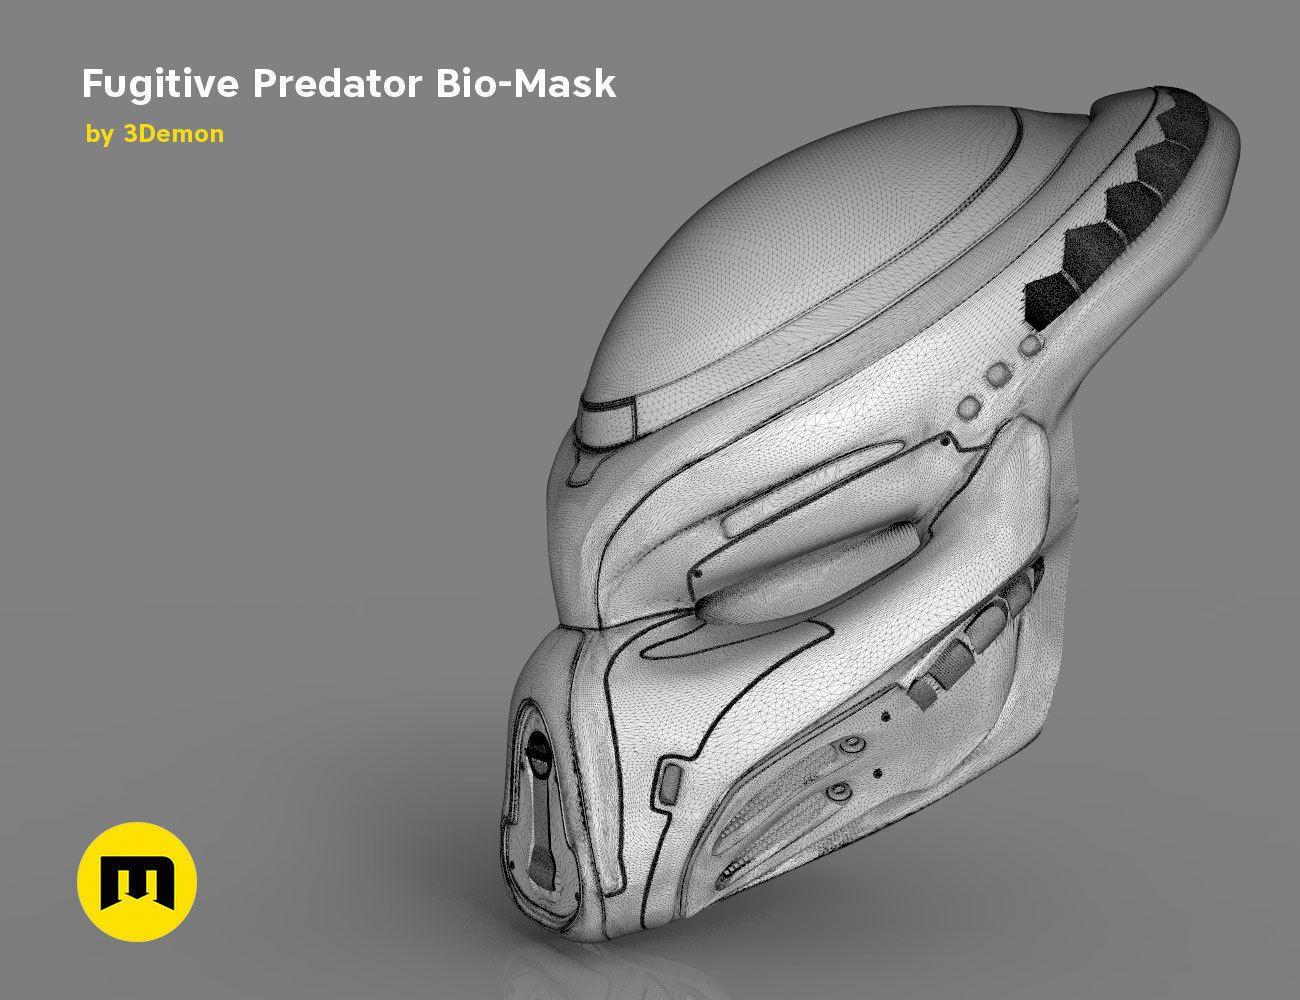 Fugitive Predator Bio-Mask 2018 | Predator in 2019